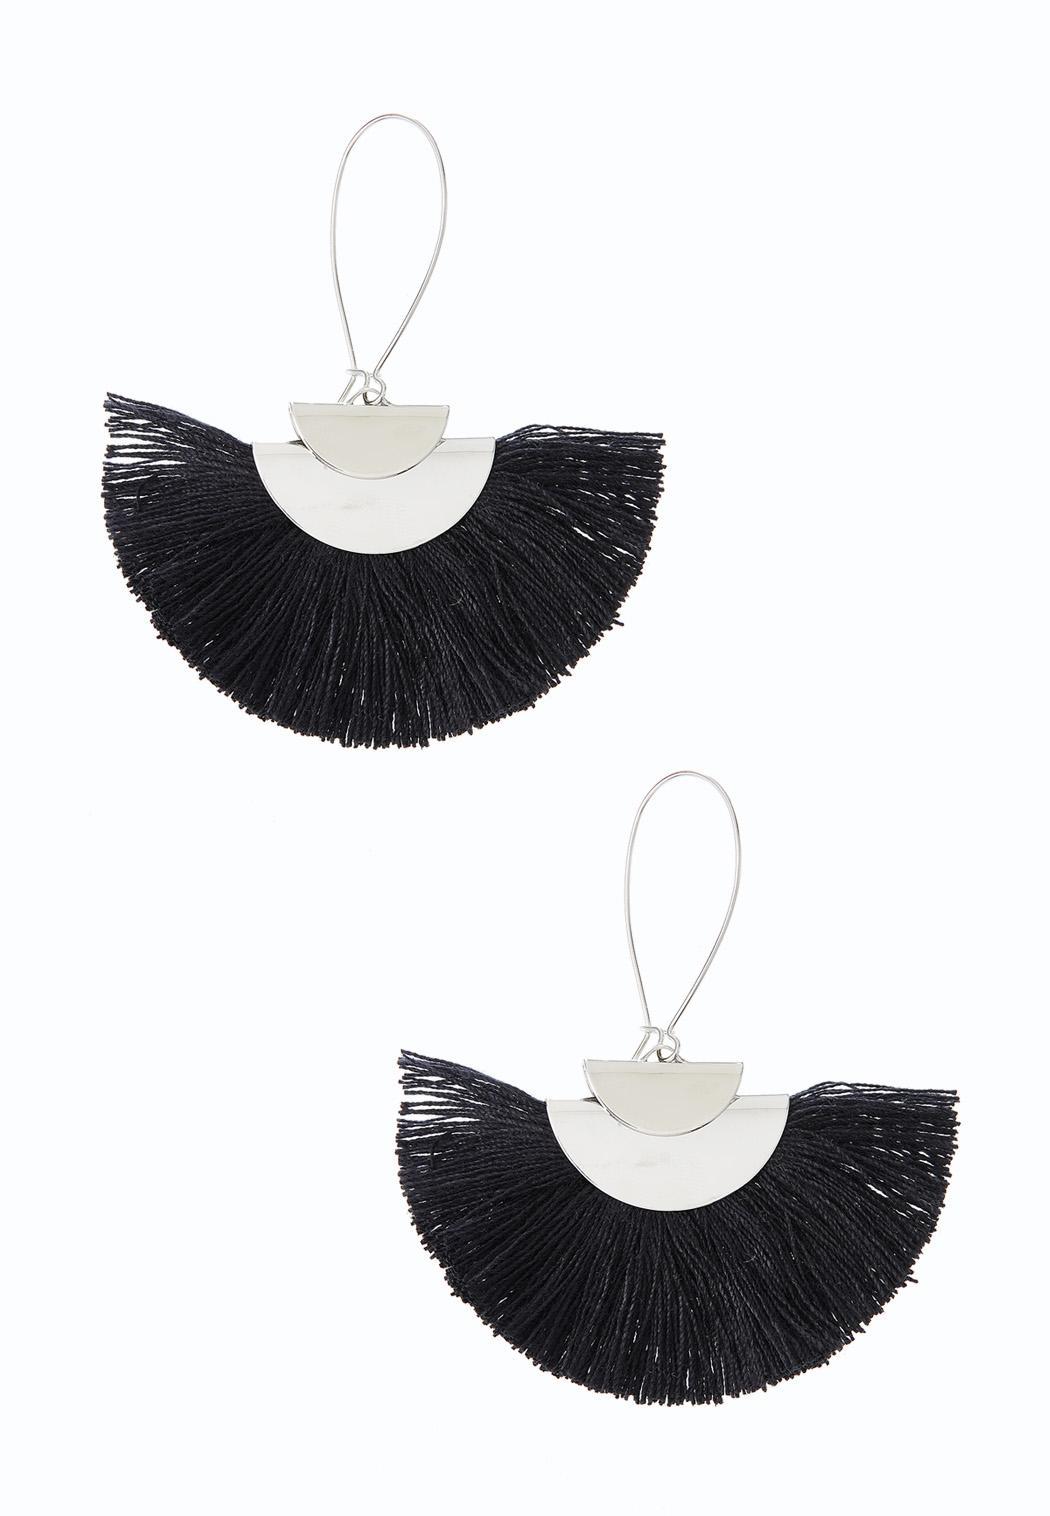 Tasseled Fan Earrings